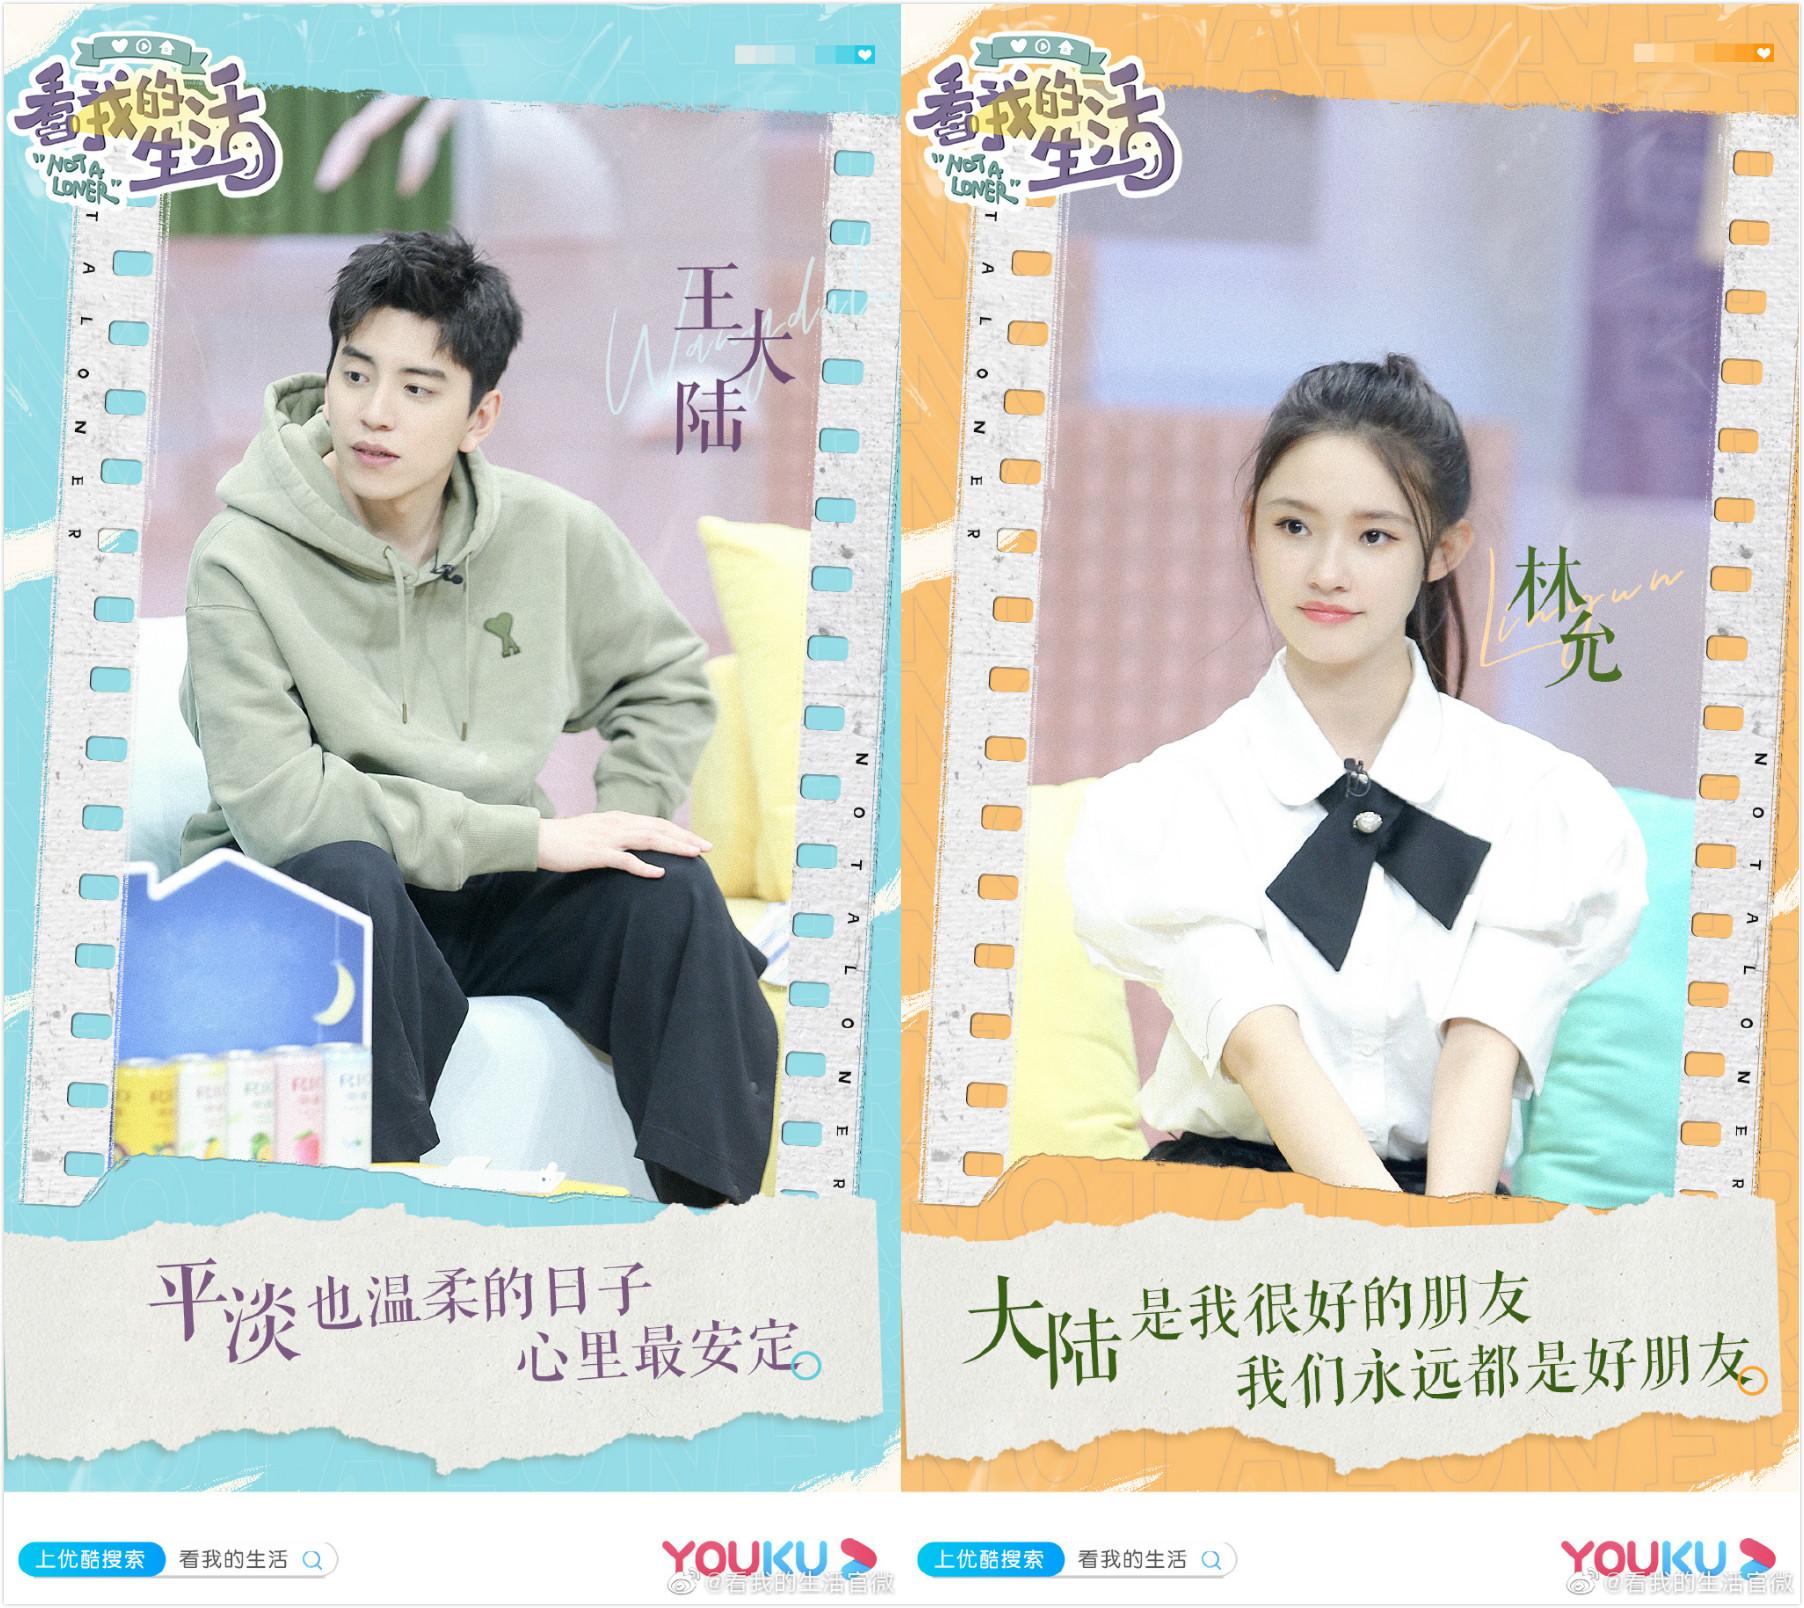 「杏悦娱乐」生活上线节目组称杏悦娱乐王大陆社交圈是图片